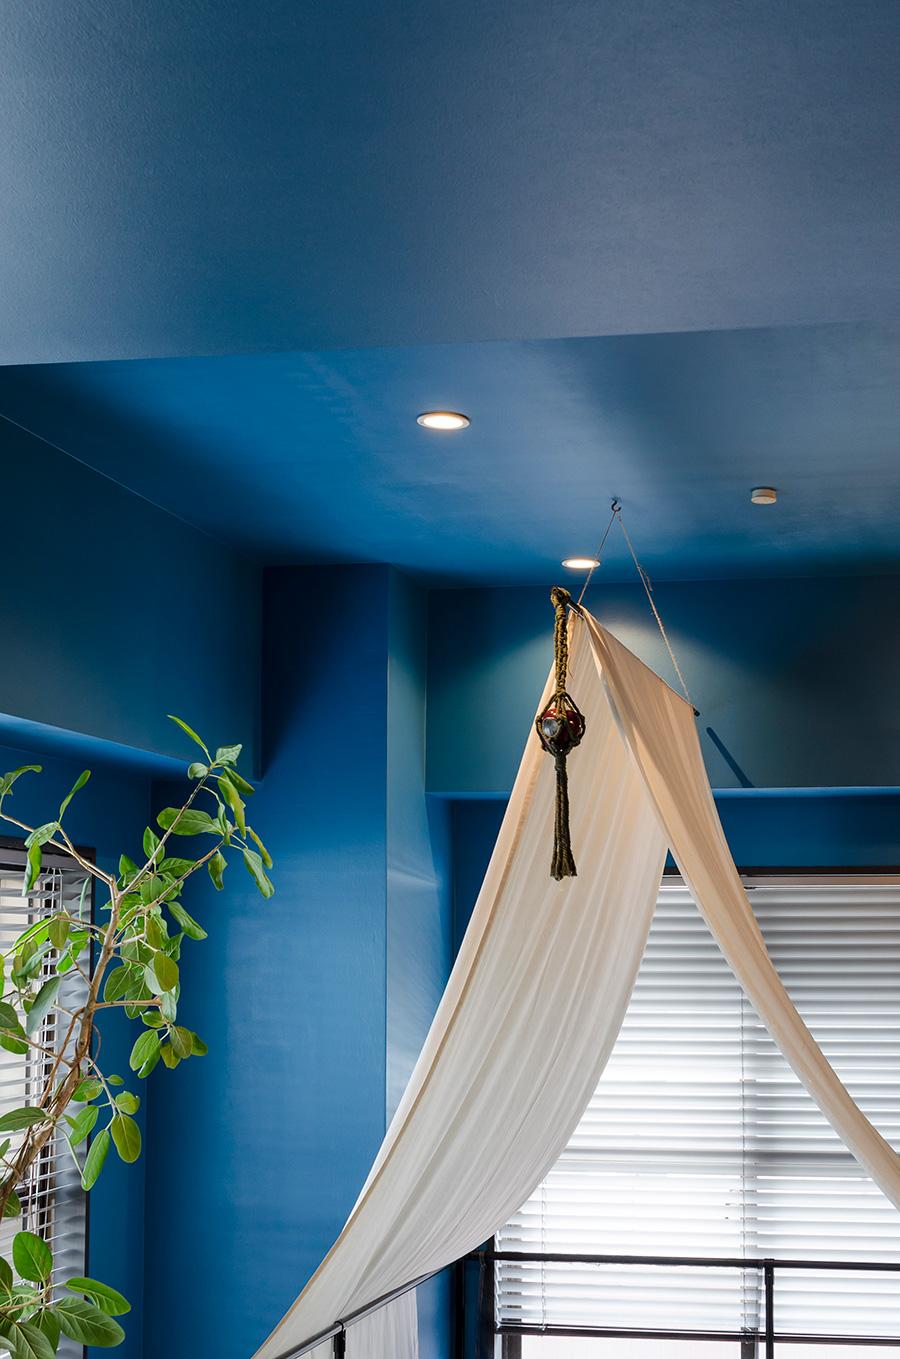 ベビーゲートを布で覆い、柔らかな空気感を演出。